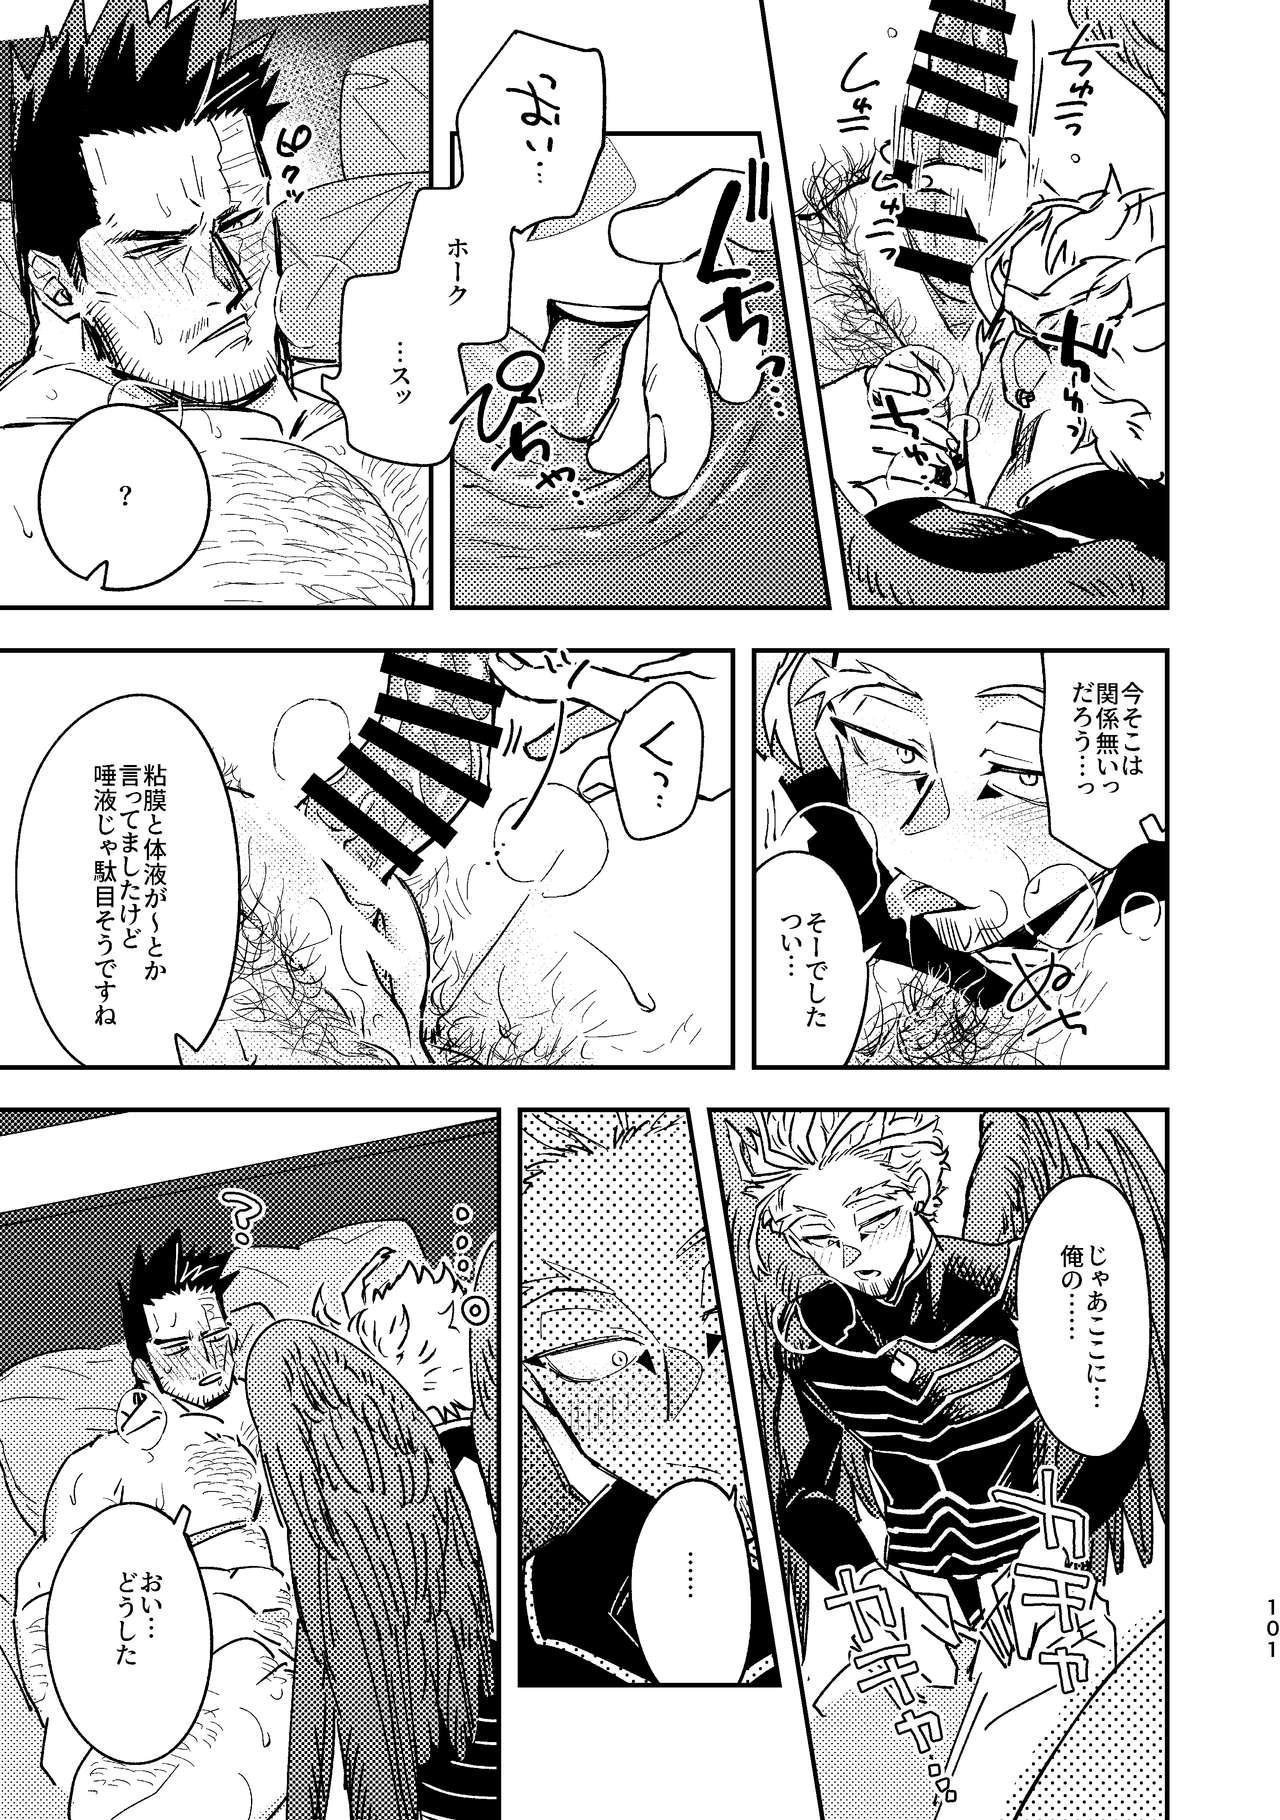 WEB Sairoku Zumi HawEn Manga ga Kami demo Yomeru Hon. 100